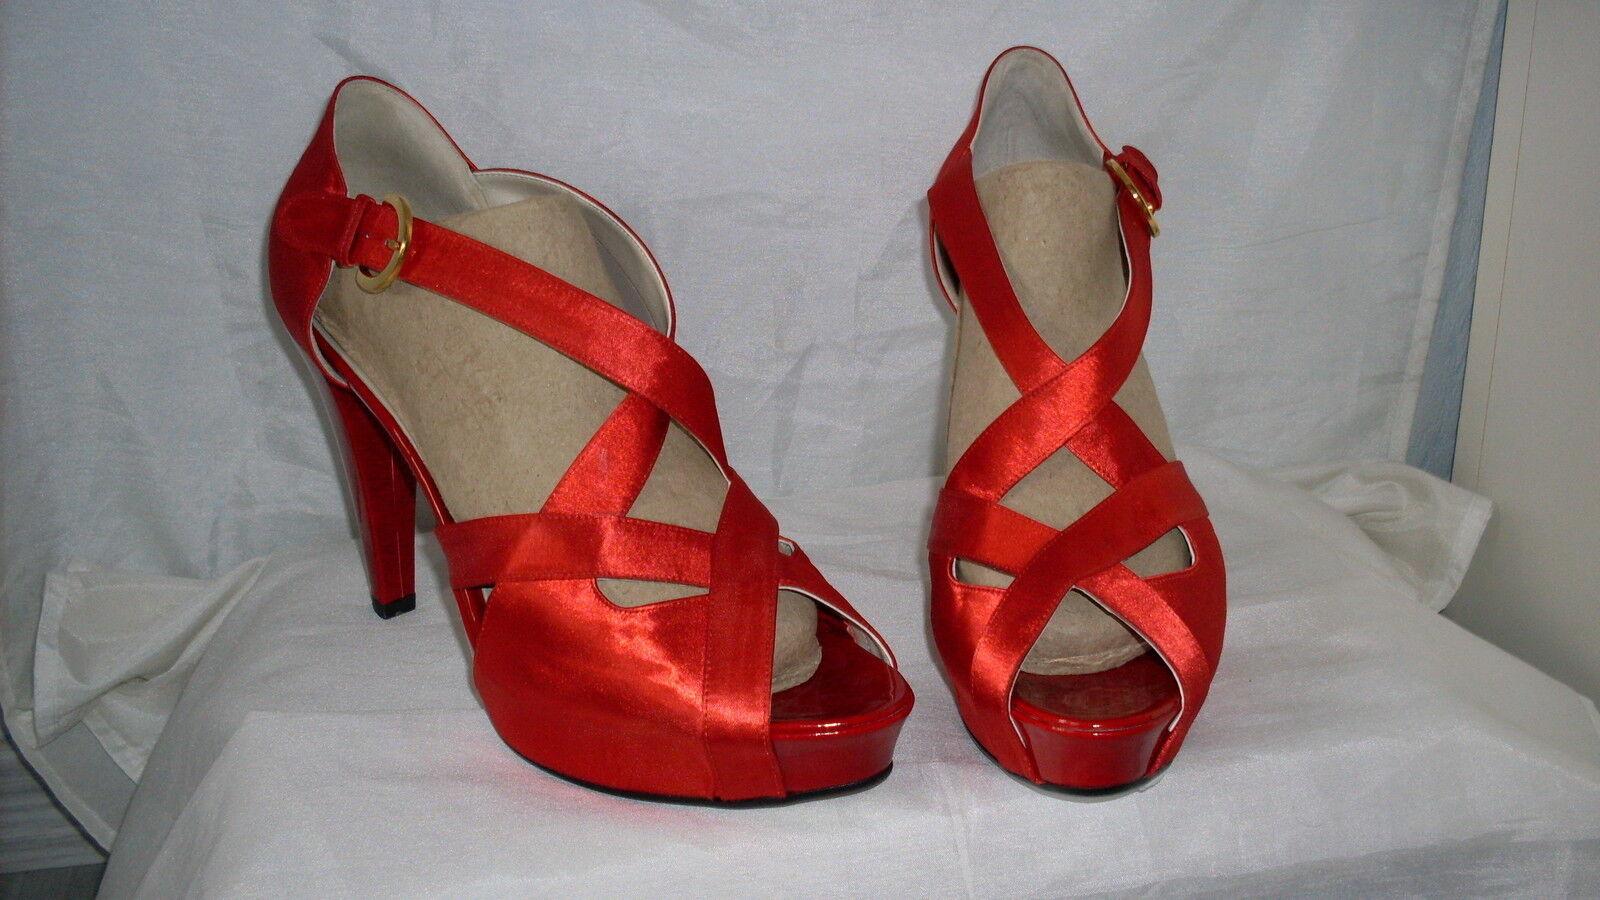 Sexy tacco alto sandali Nuovo Taglia Rosso 41 in Rosso Taglia Vernice & Satin necessariamente lignaggio ee02c9